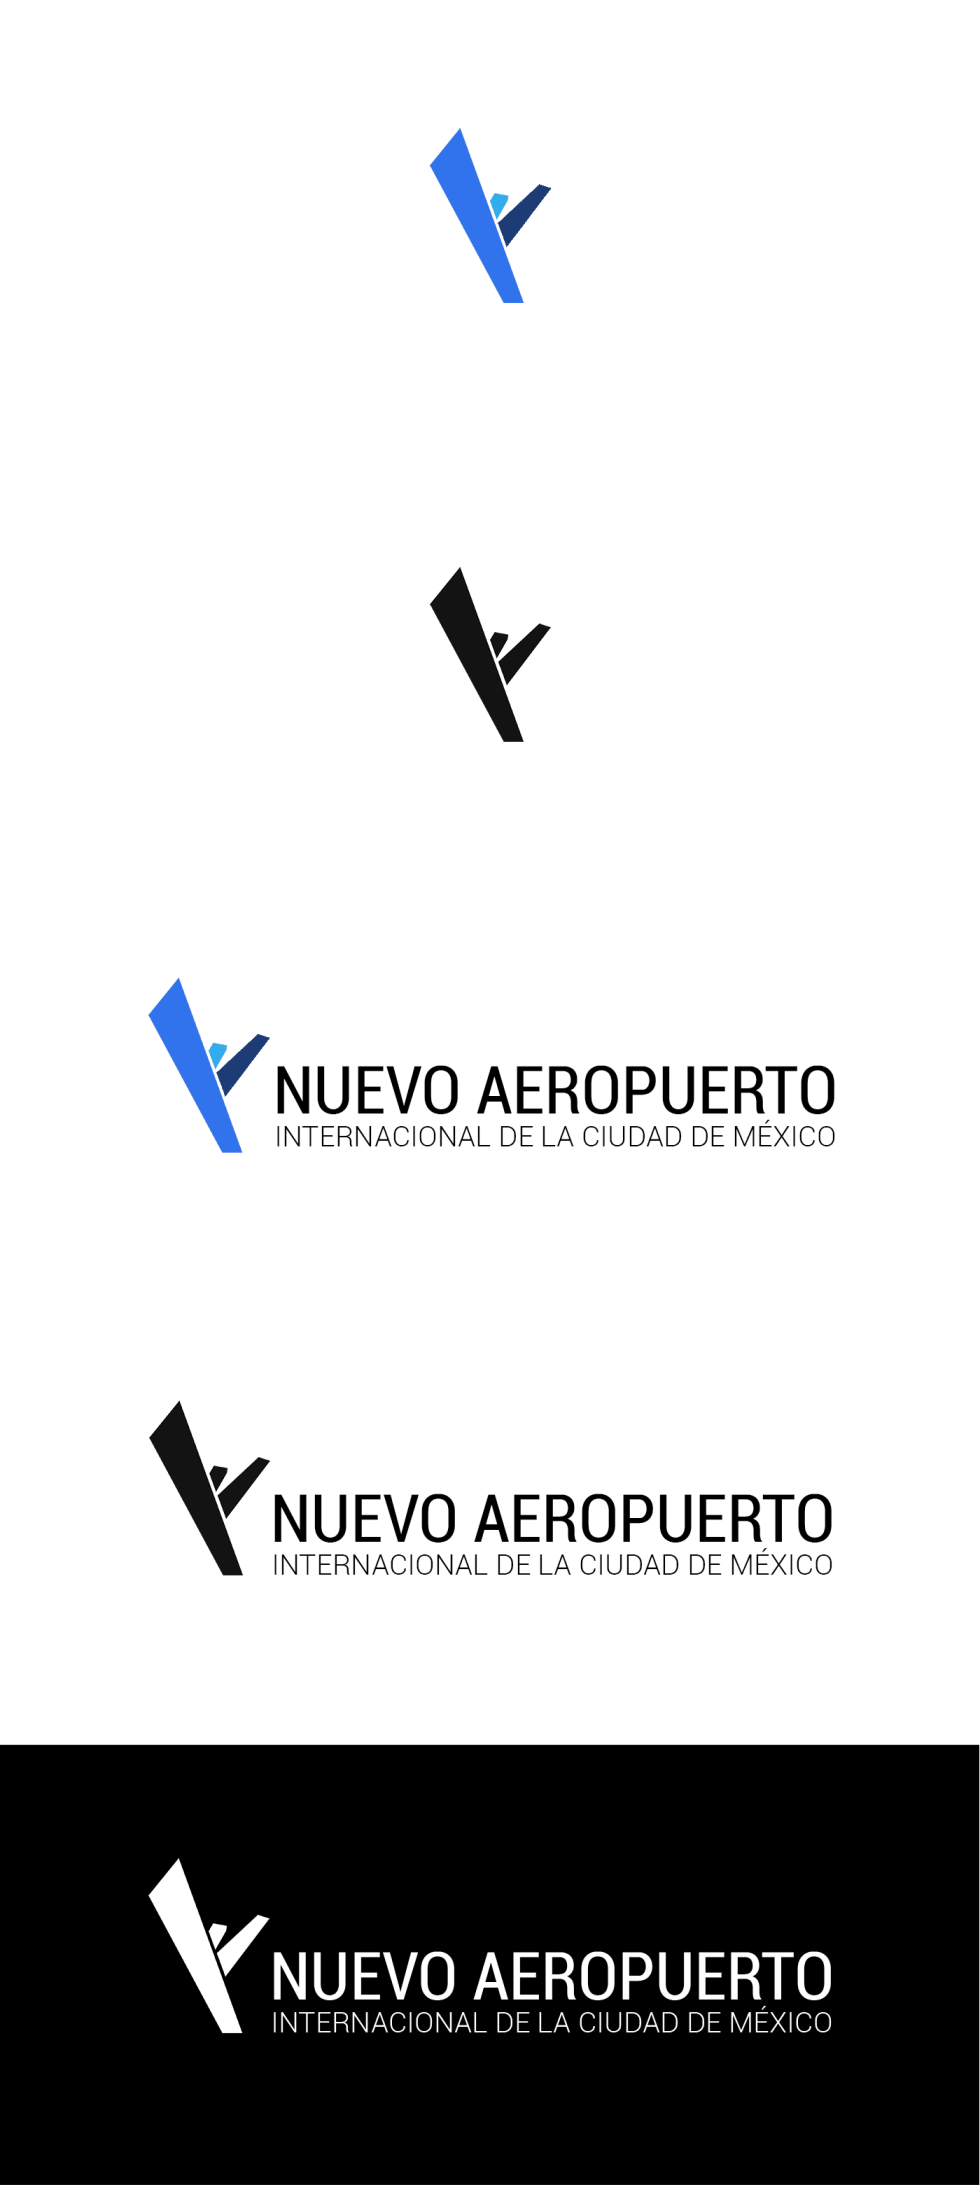 NUEVO AEROPUERTO INTERNACIONAL DE LA CIUDAD DE MÉXICO DISEÑO